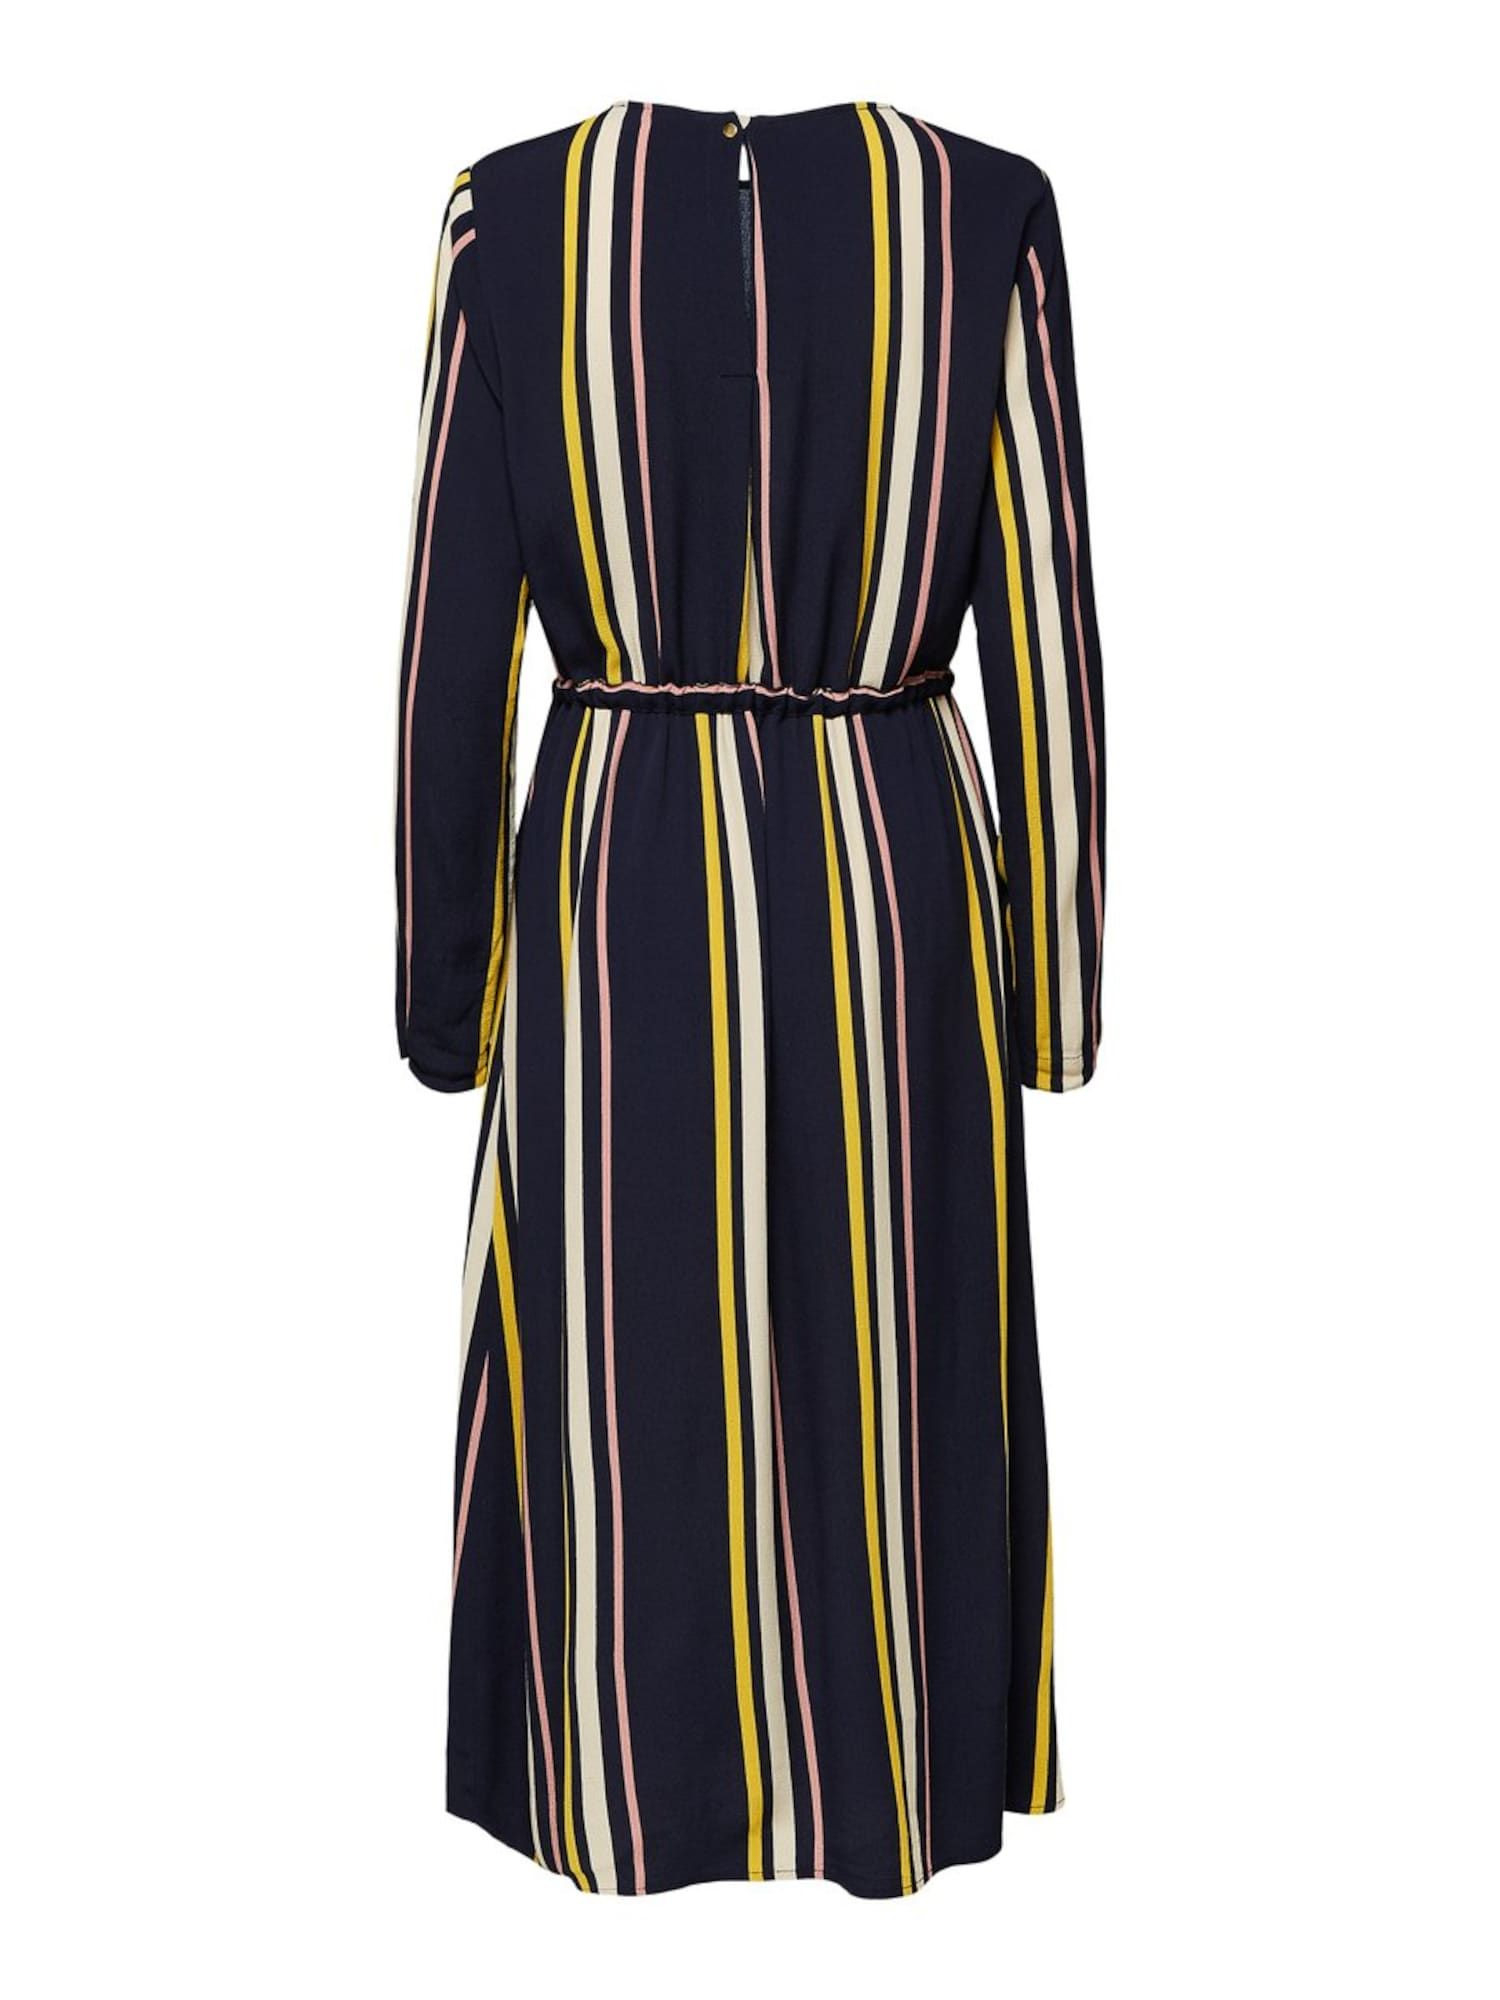 Formal Erstaunlich Kleid Nachtblau Spezialgebiet17 Cool Kleid Nachtblau für 2019